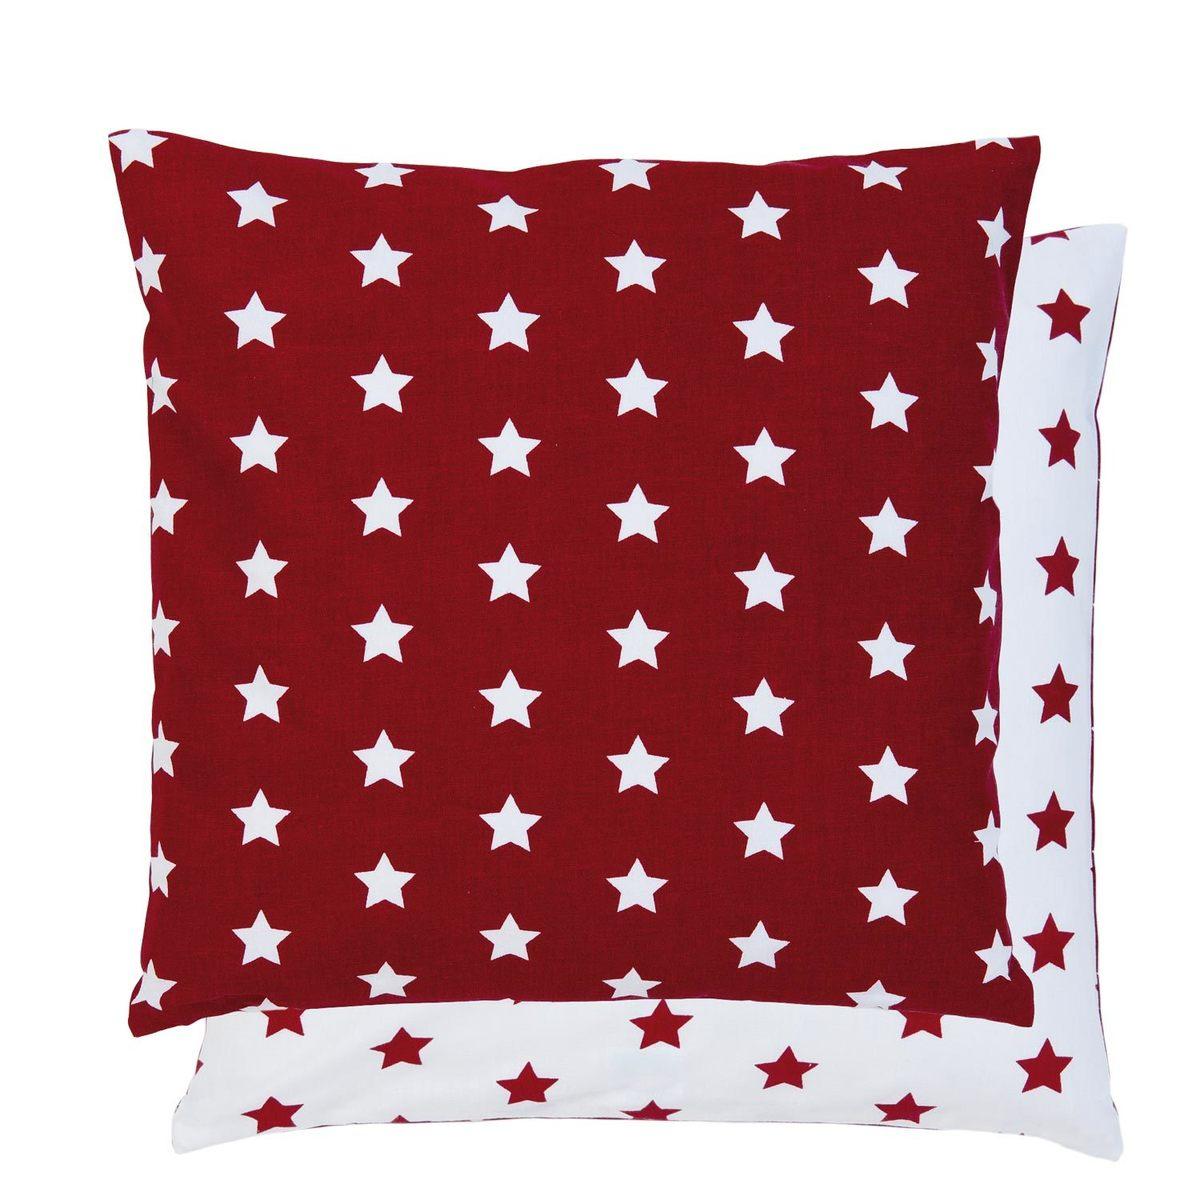 Povlak na polštář 40*40 s hvězdami - červená